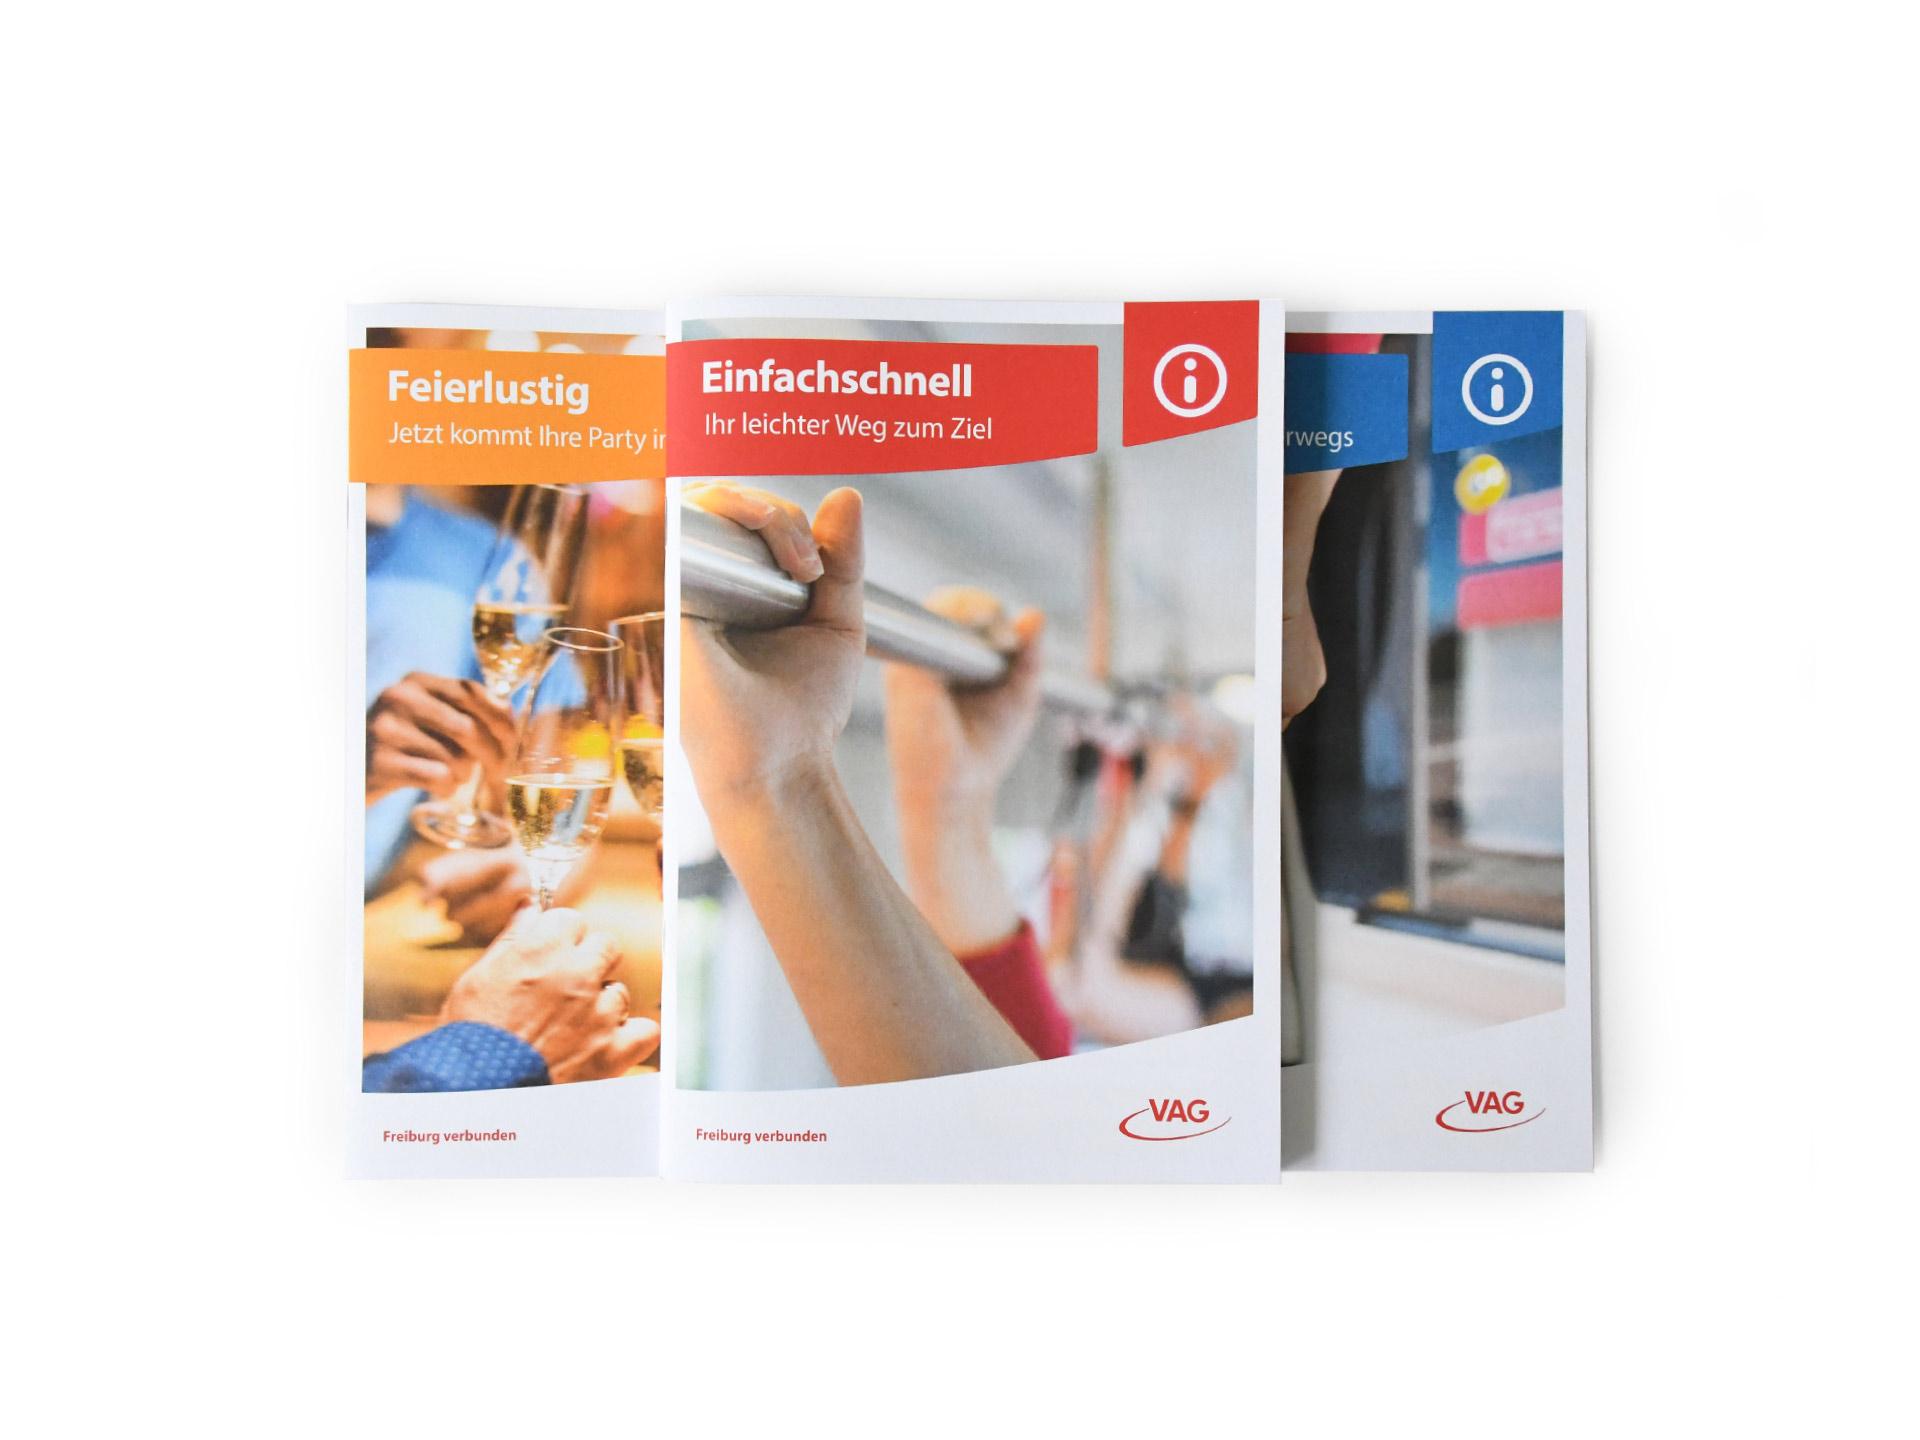 Cover der drei neuen Broschüren für die VAG Freiburg